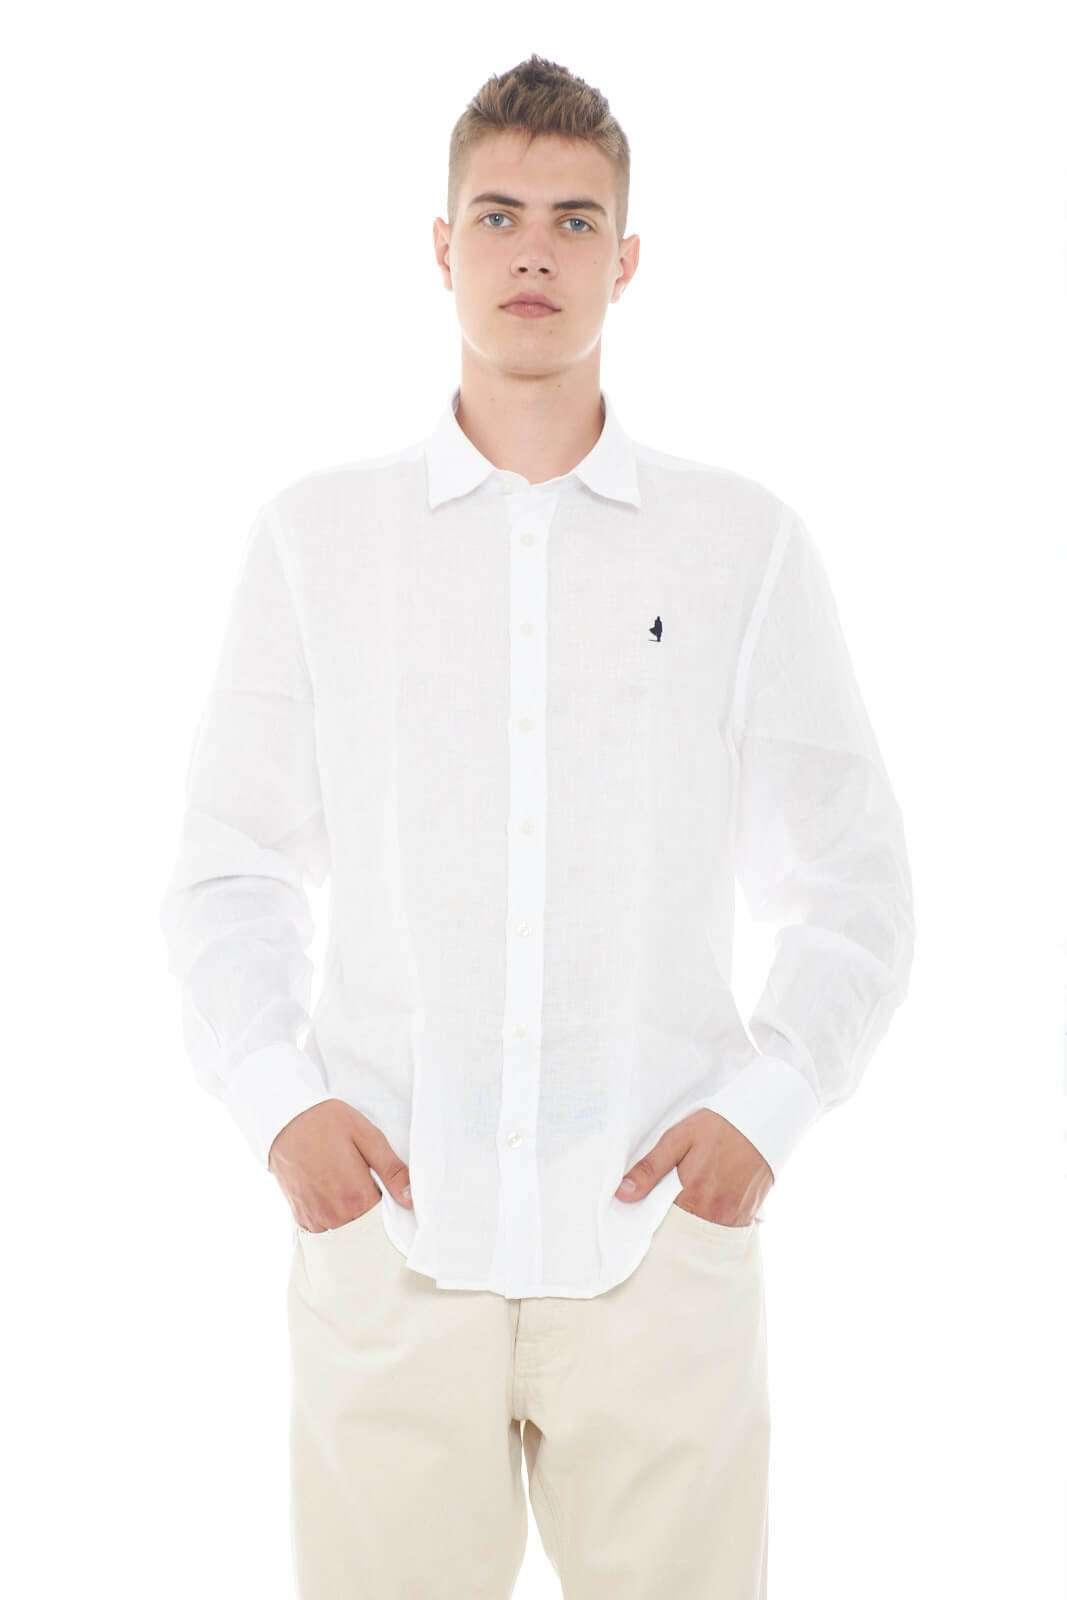 Una camicia casual e versatile, perfetta per l'uomo che ama look estivi eleganti e raffinati. Da indossare con jeans o pantaloni, insieme ad un mocassino, o una scarpa da barca, per un total look impeccabile.